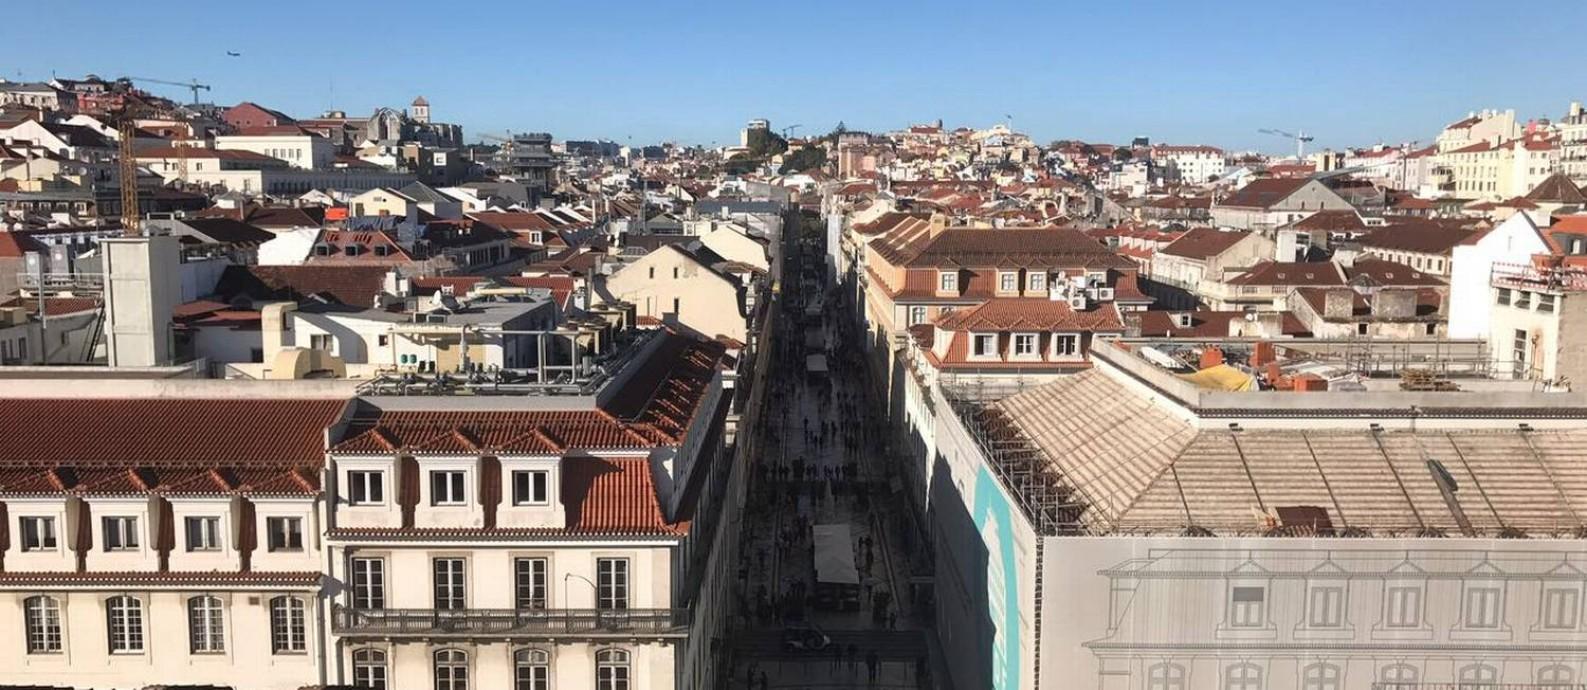 Com alta procura por imóveis, Portugal tem milhares de novas imobiliárias Foto: Sany Dallarosa